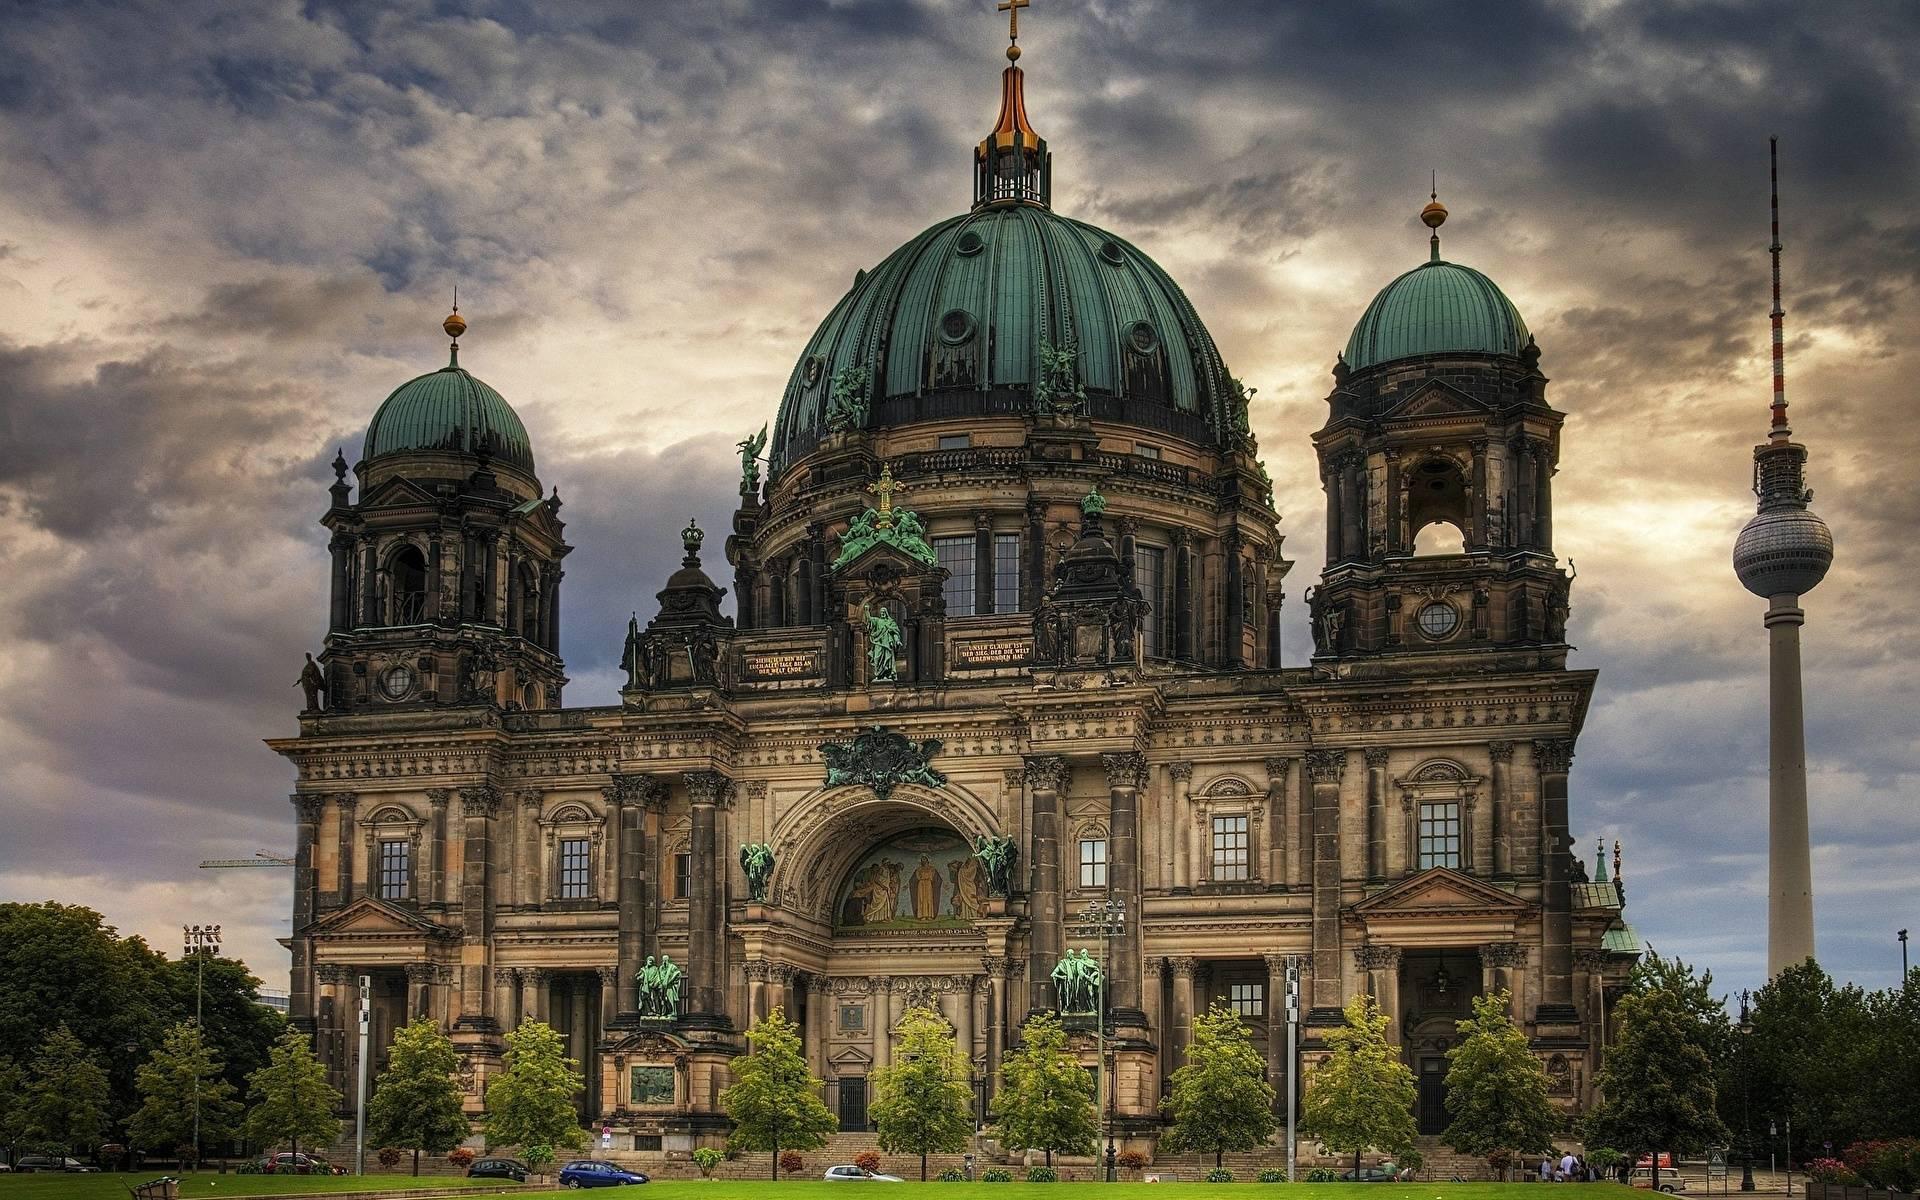 Культовые сооружения: церкви, соборы, монастыри, мечети, синагоги :: businessman.ru